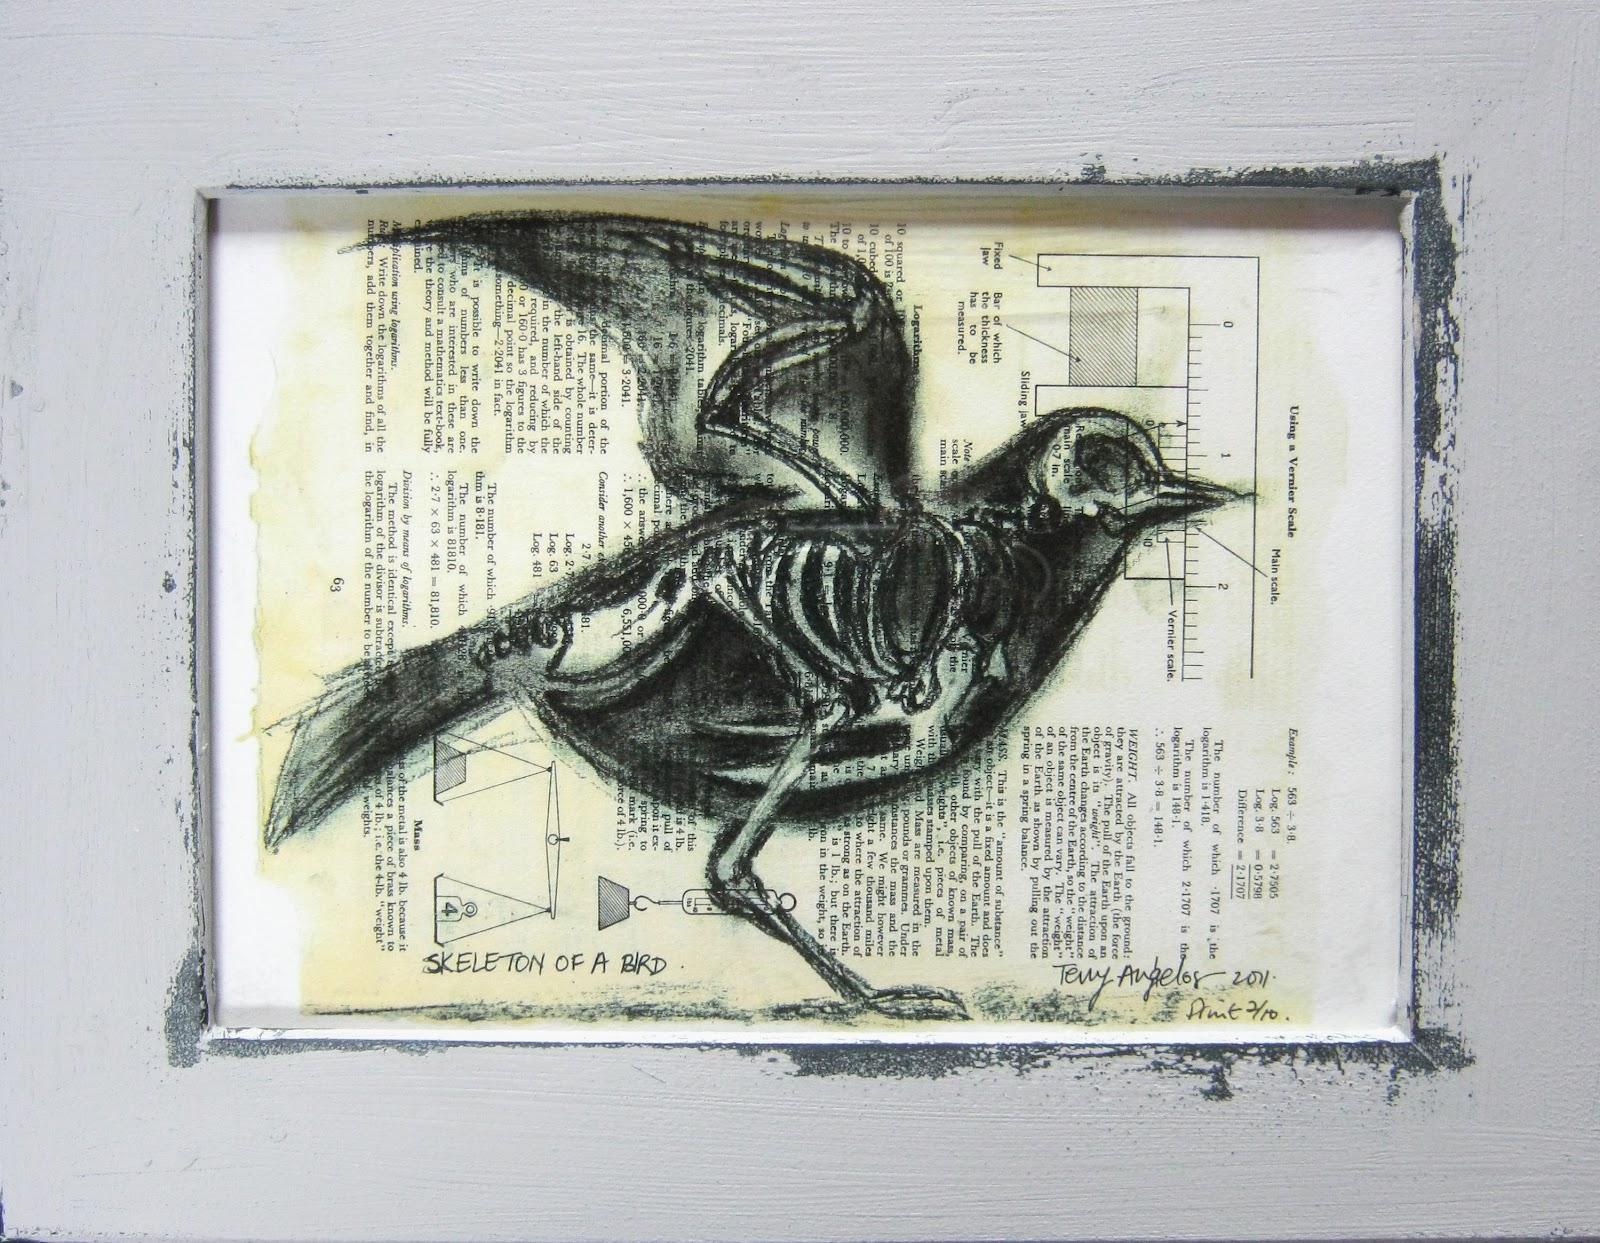 http://4.bp.blogspot.com/-HCPayn9odjo/T1SpnkHOVsI/AAAAAAAAAa0/AW4AT_aNKUI/s1600/Bird+skeleton+charcoal+on+vintage+paper.jpg